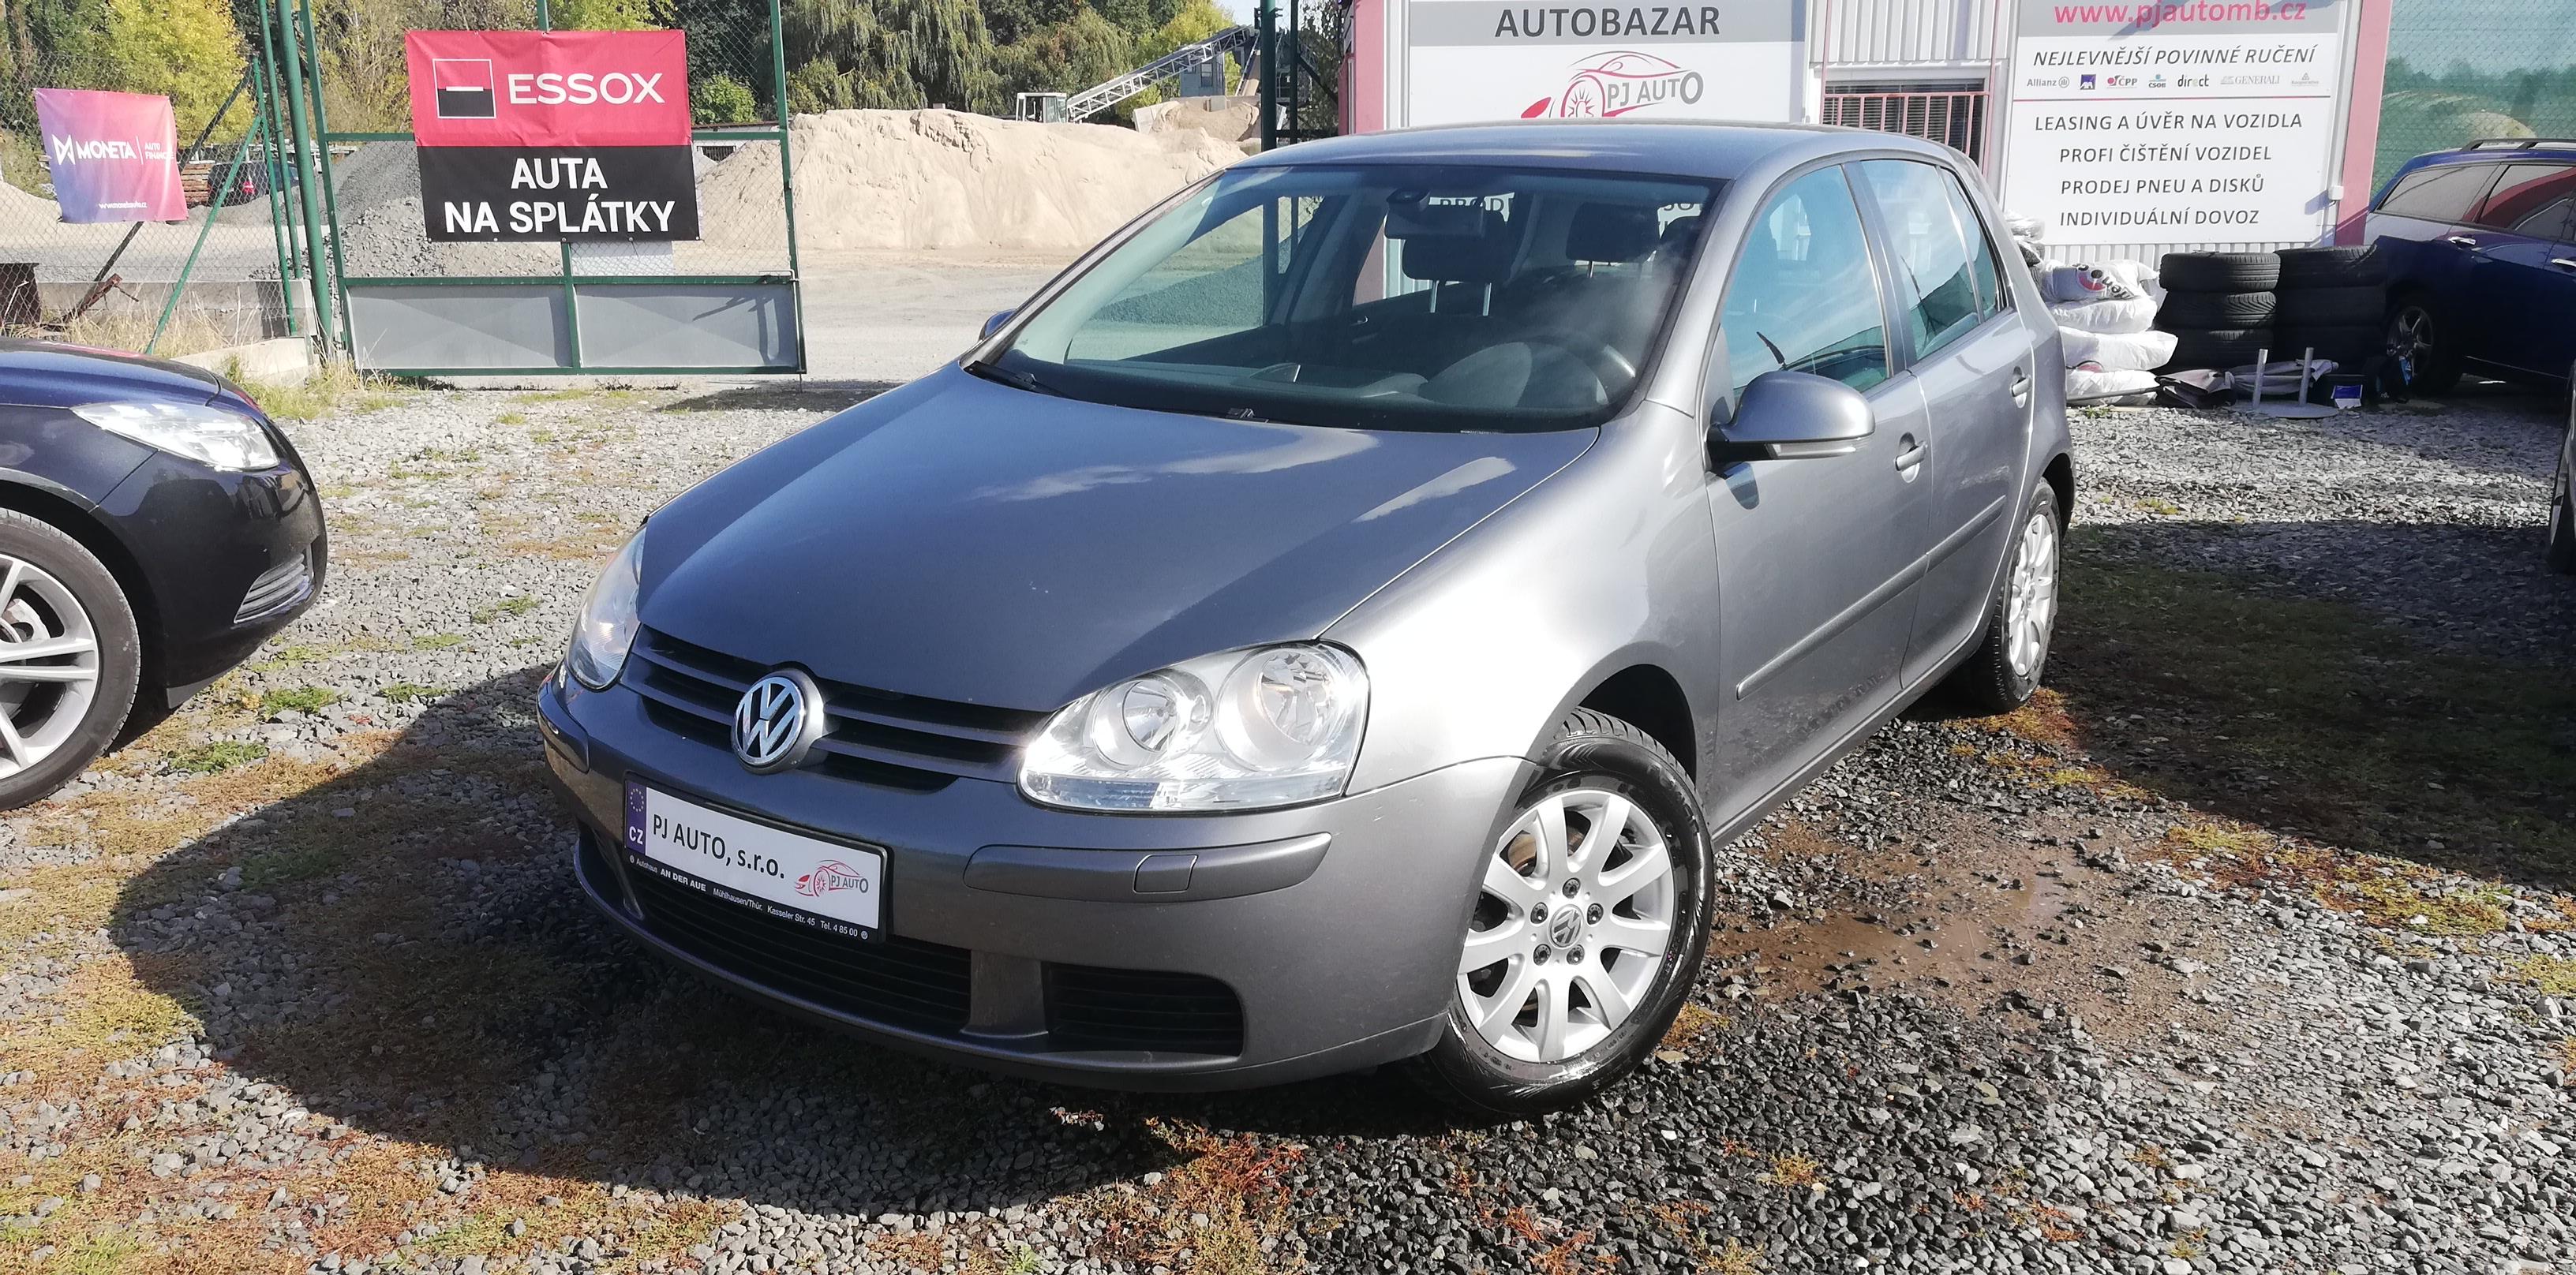 Volkswagen Golf 1.4 16V Comfortline,ALU,Klima,STK 10/2020